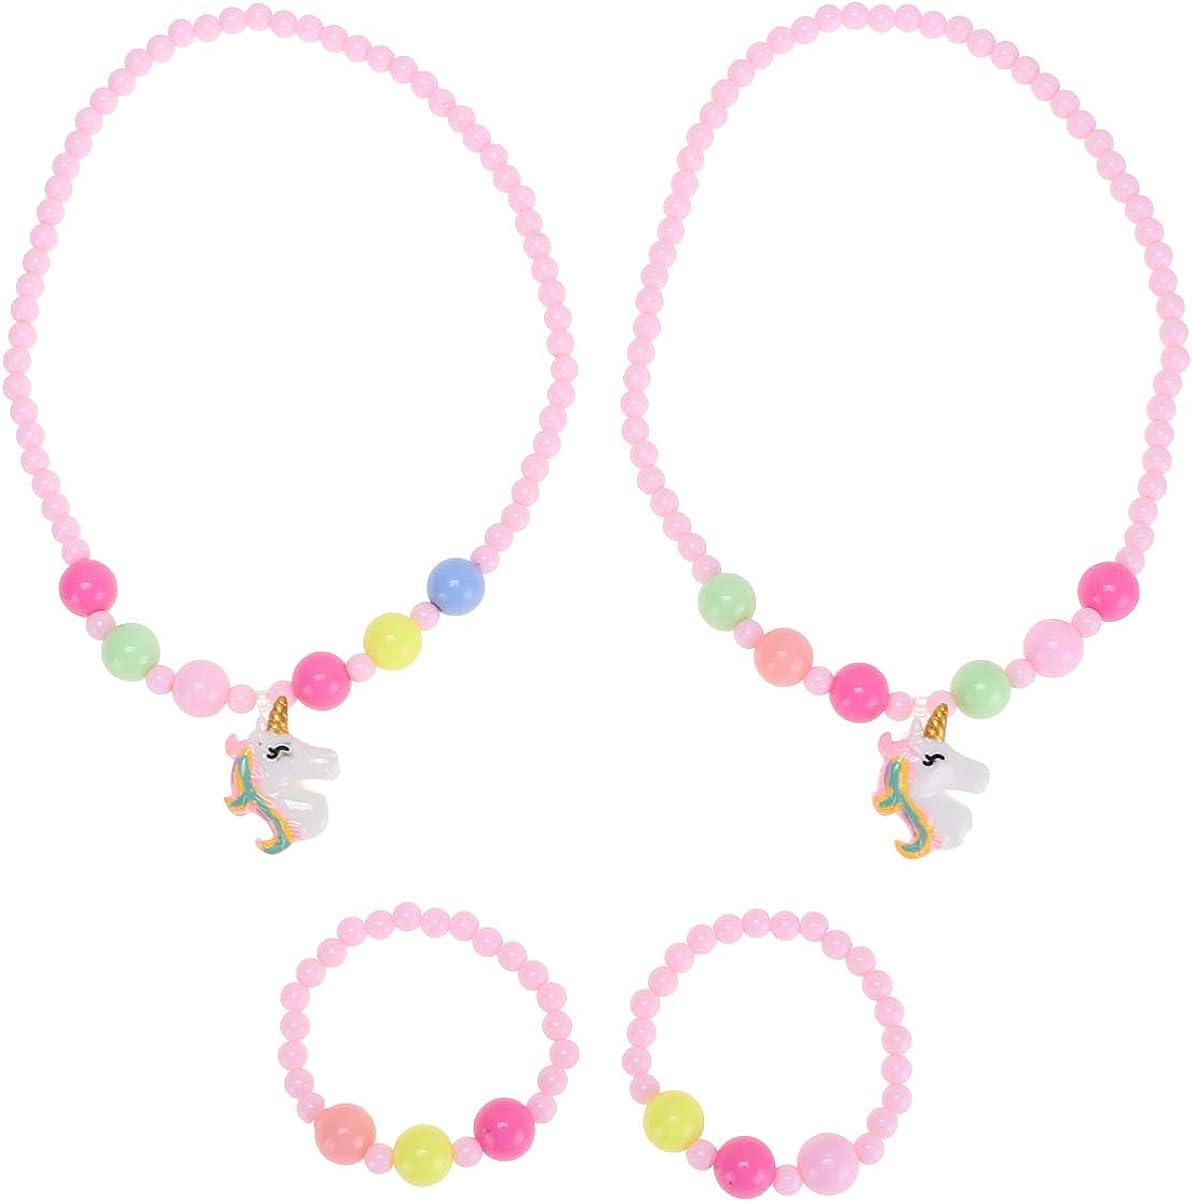 TOYANDONA Conjunto de Collar Y Pulsera de Unicornio Pulsera de Cuentas para Niños Colgante de Collar de Princesa Personalizado para Niñas Regalo de Cumpleaños para Niños Rosa 2 Juegos